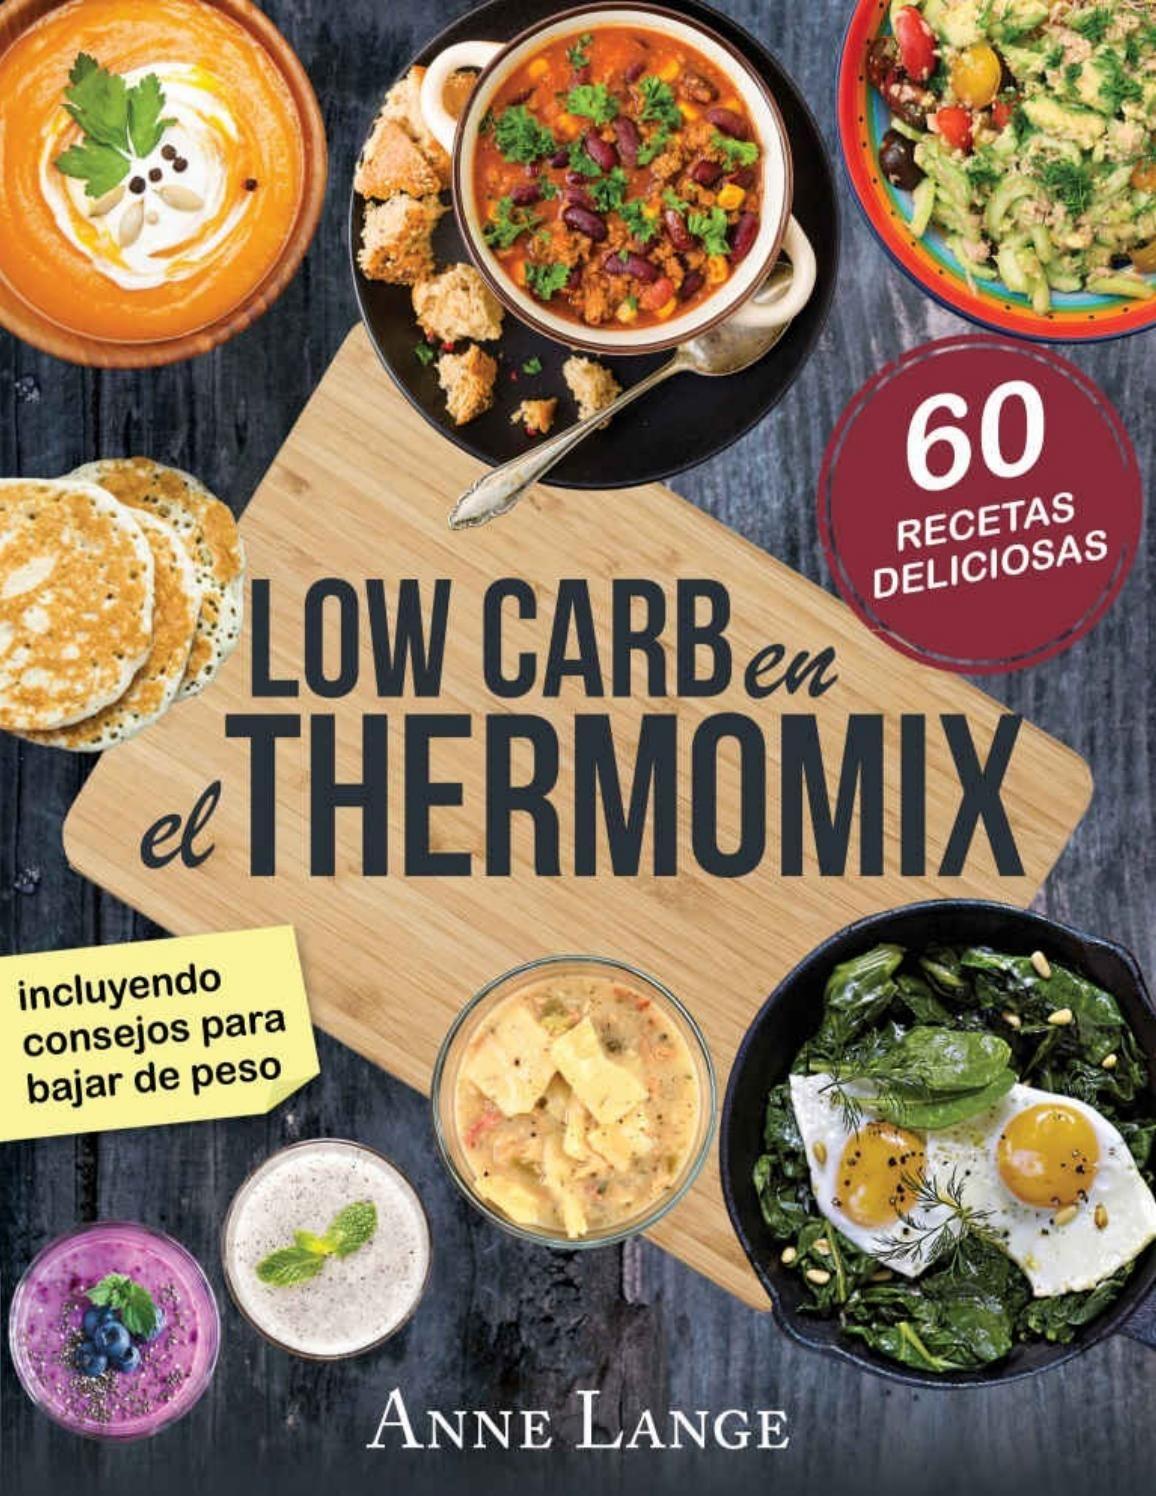 Low Carb En El Thermomix El Libro Con 60 Recetas Fáciles Y